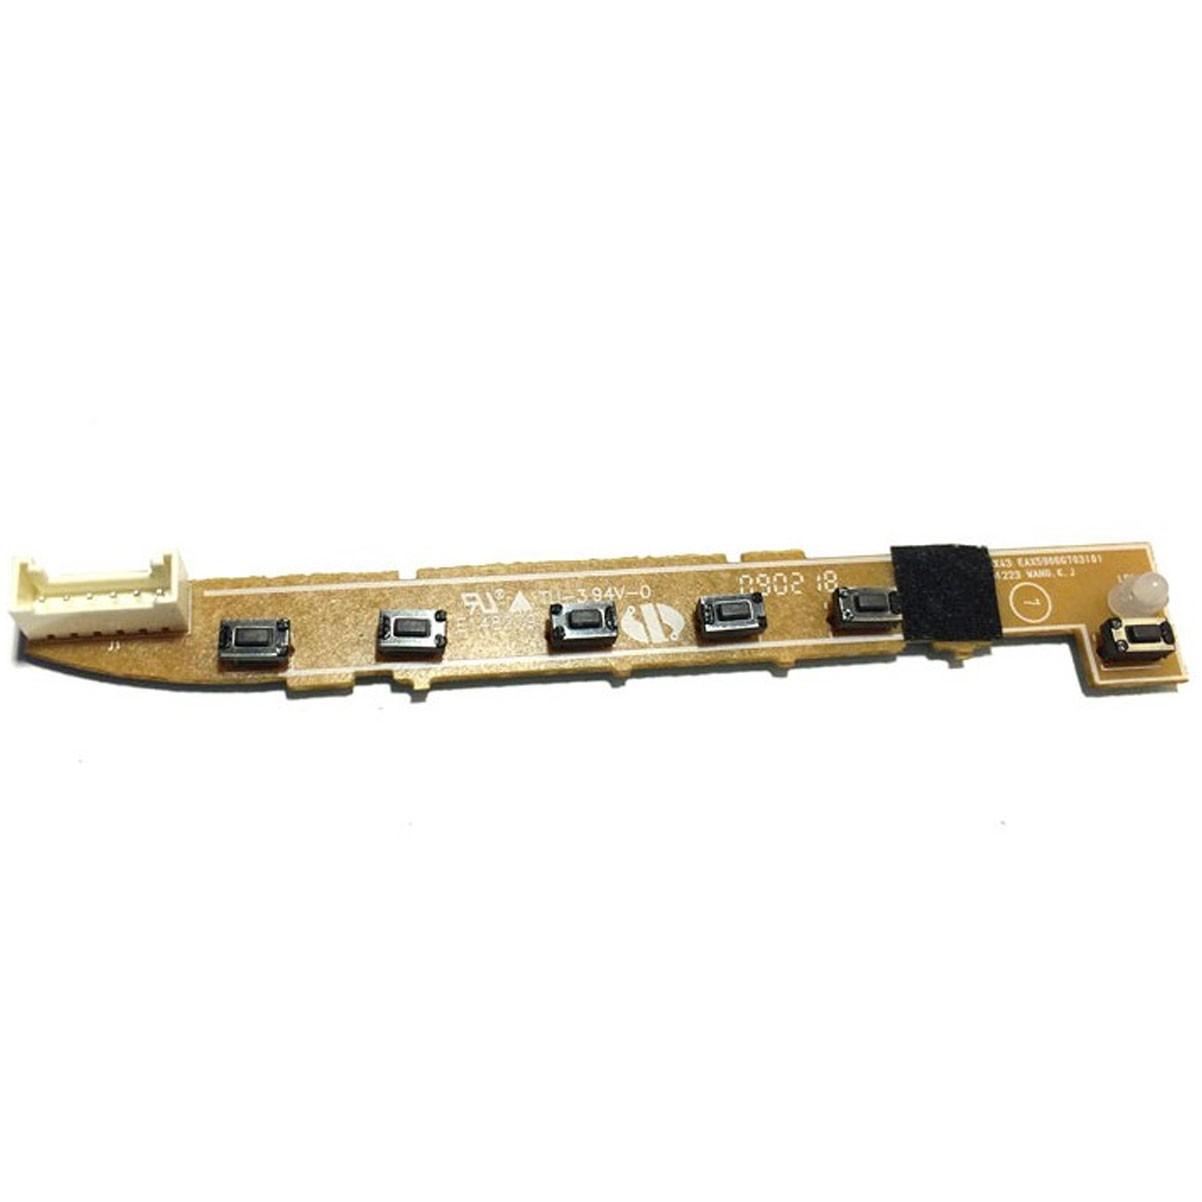 Placa Teclado Funções Monitor LG W1943c Wxx43c PN: Eax59066703 (0) - Retirado